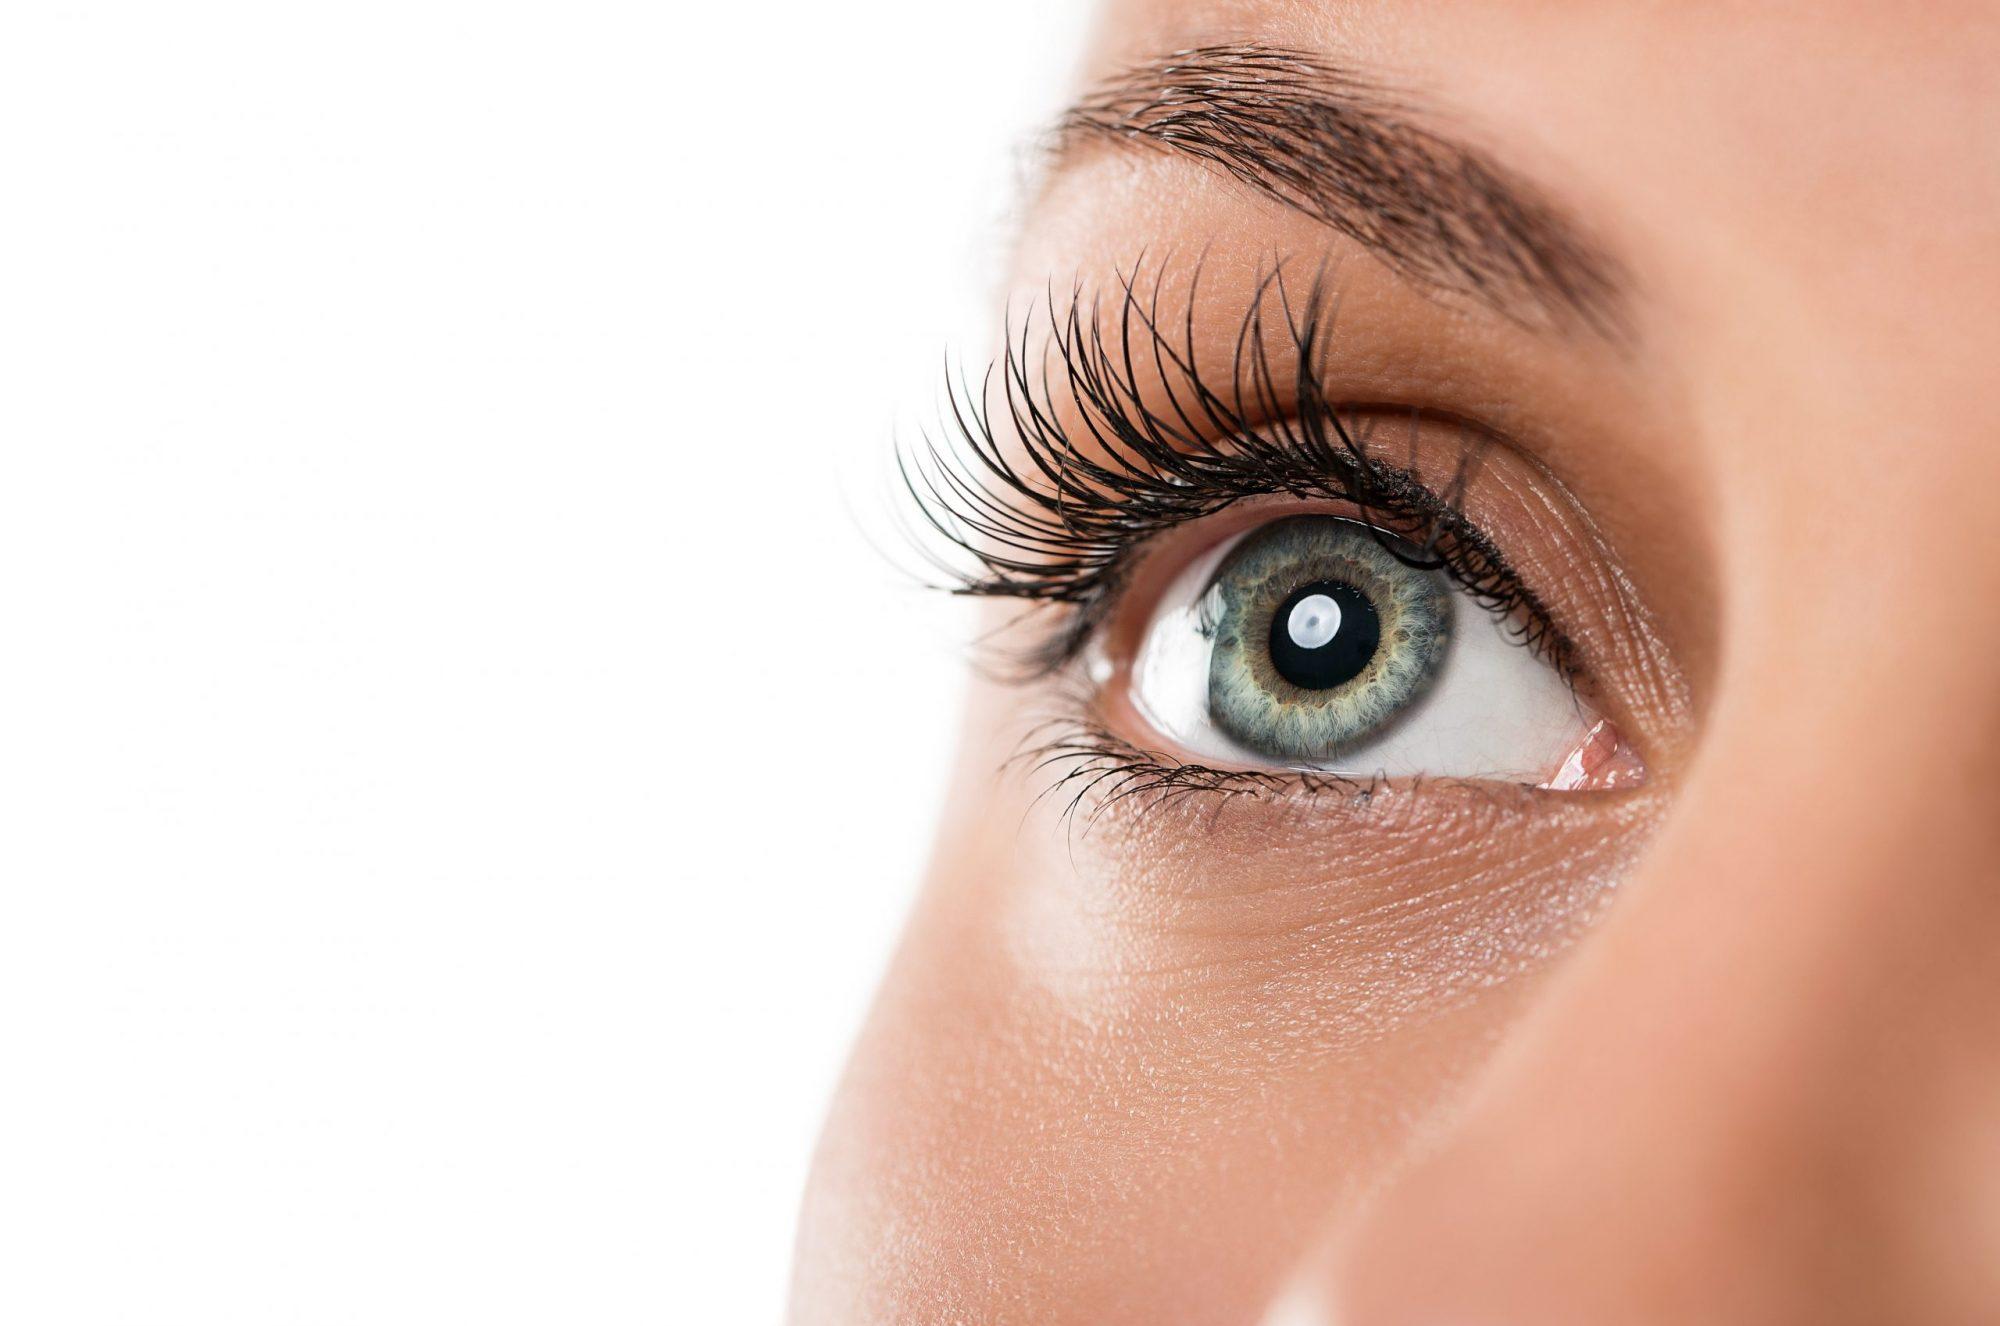 cabecera principal - Dermatitis en los párpados, causas y como tratarlo